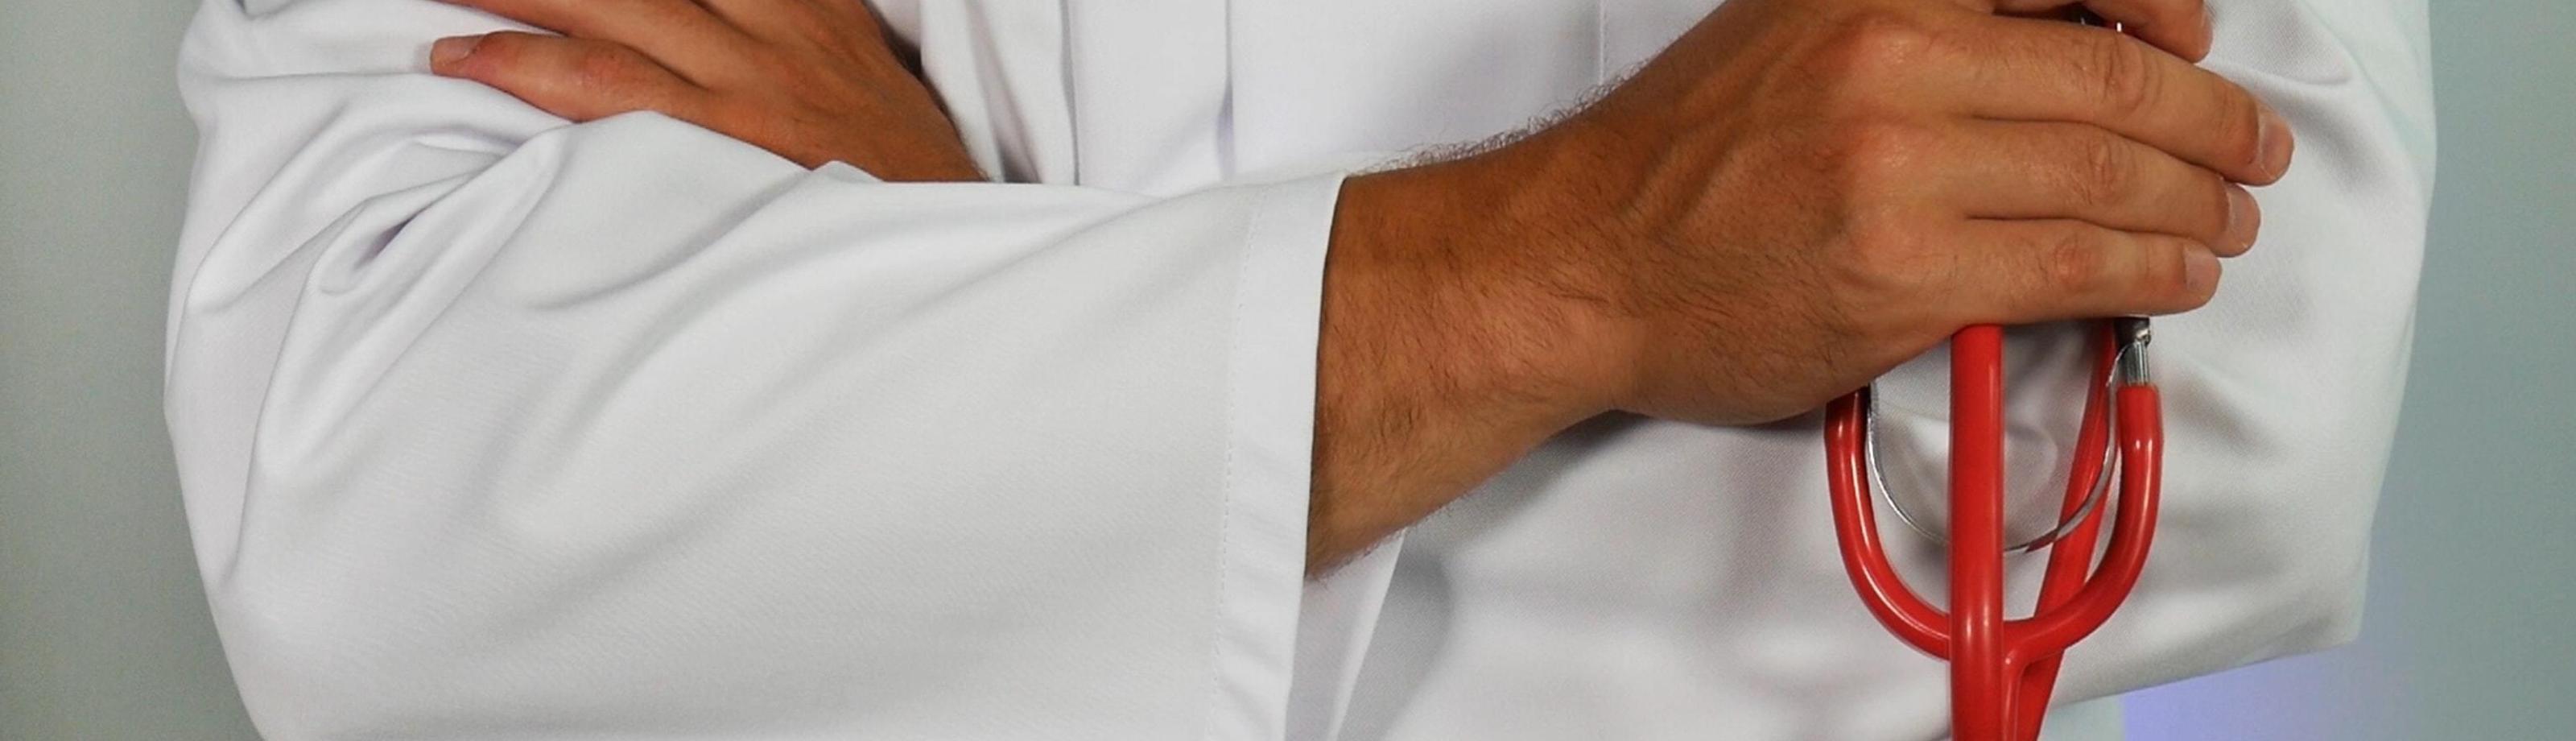 Medici dokter met armen over elkaar